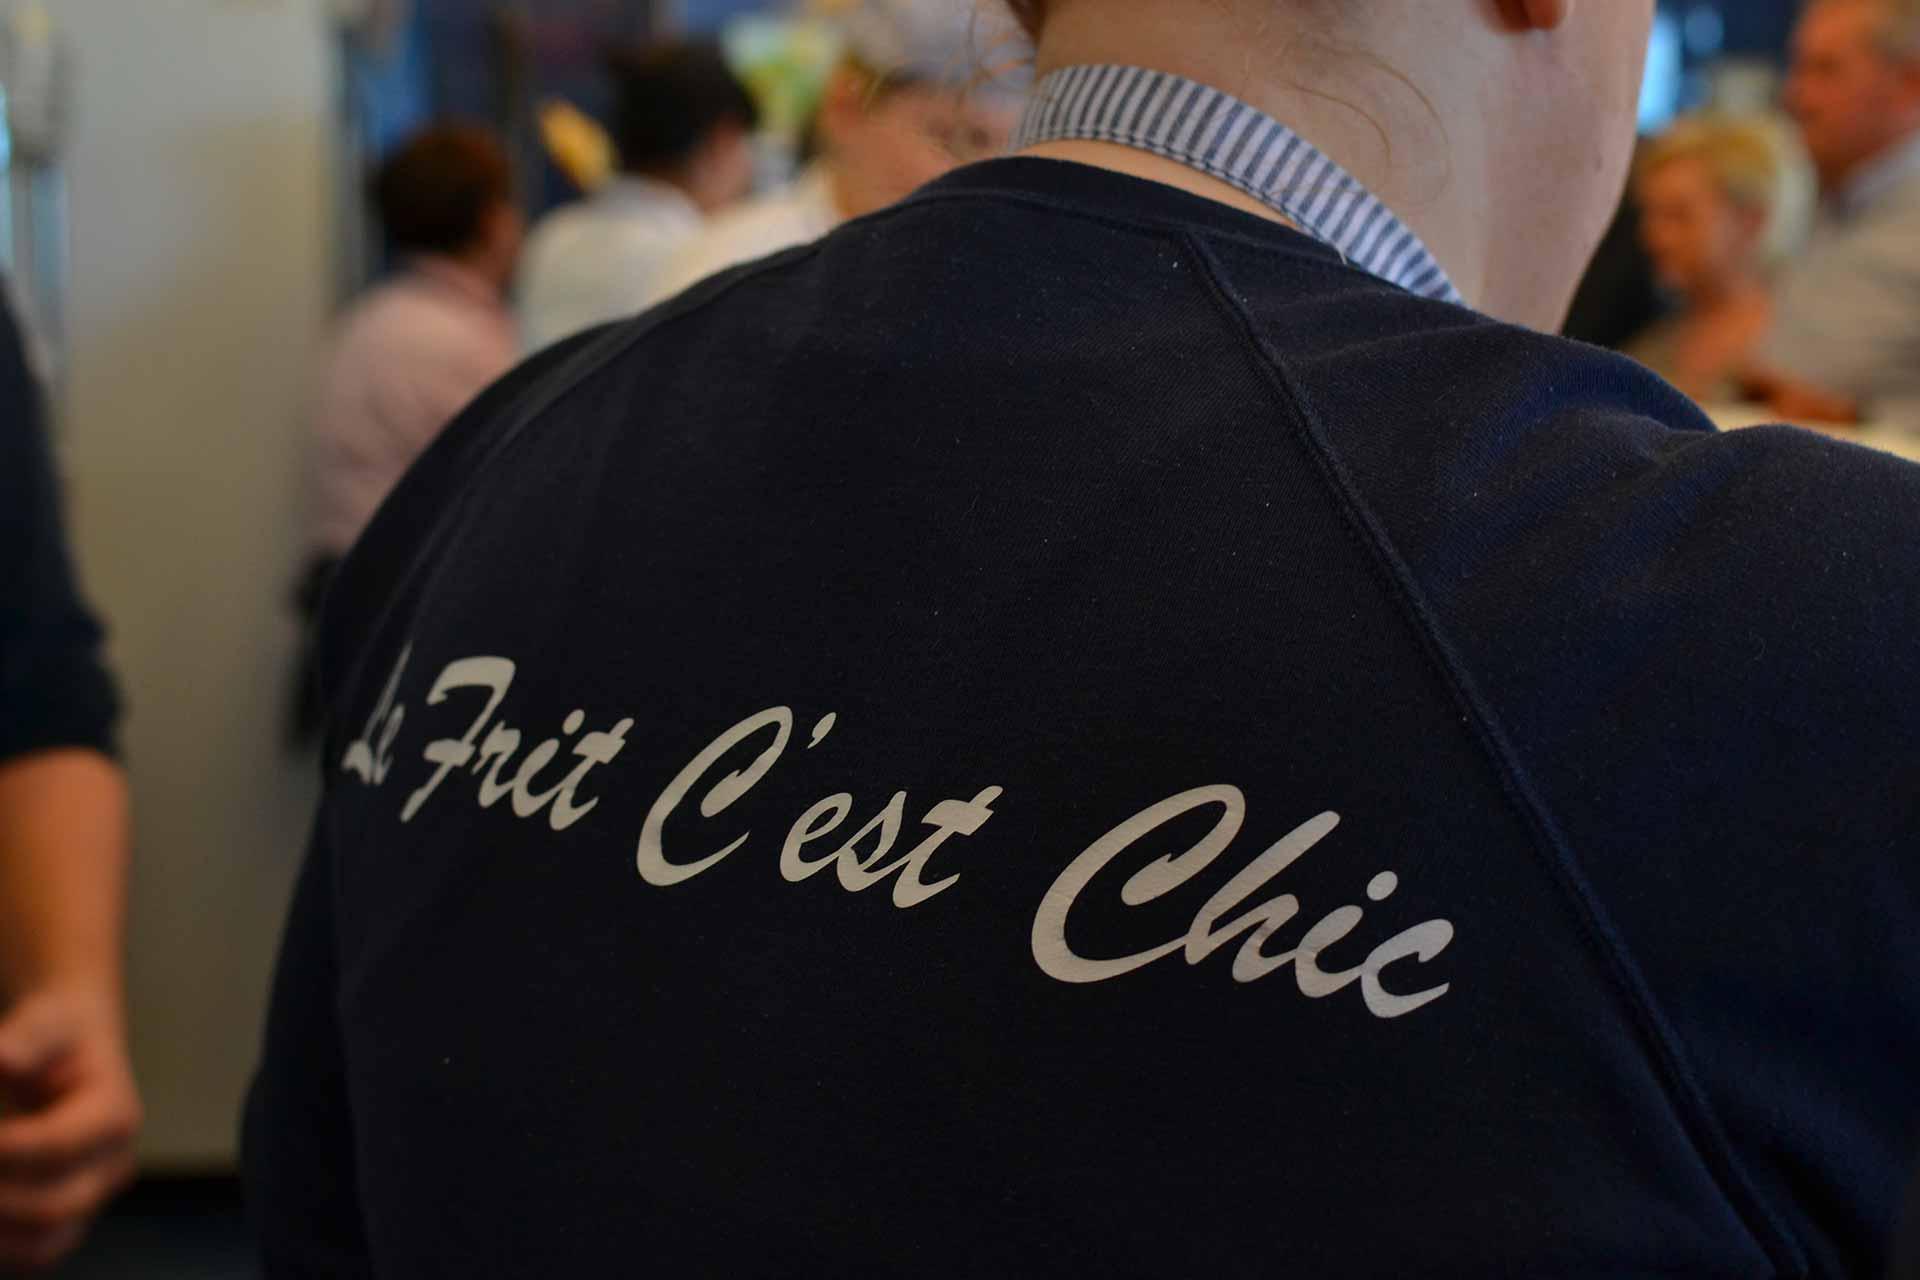 le-frit-cest-chic-20_2019